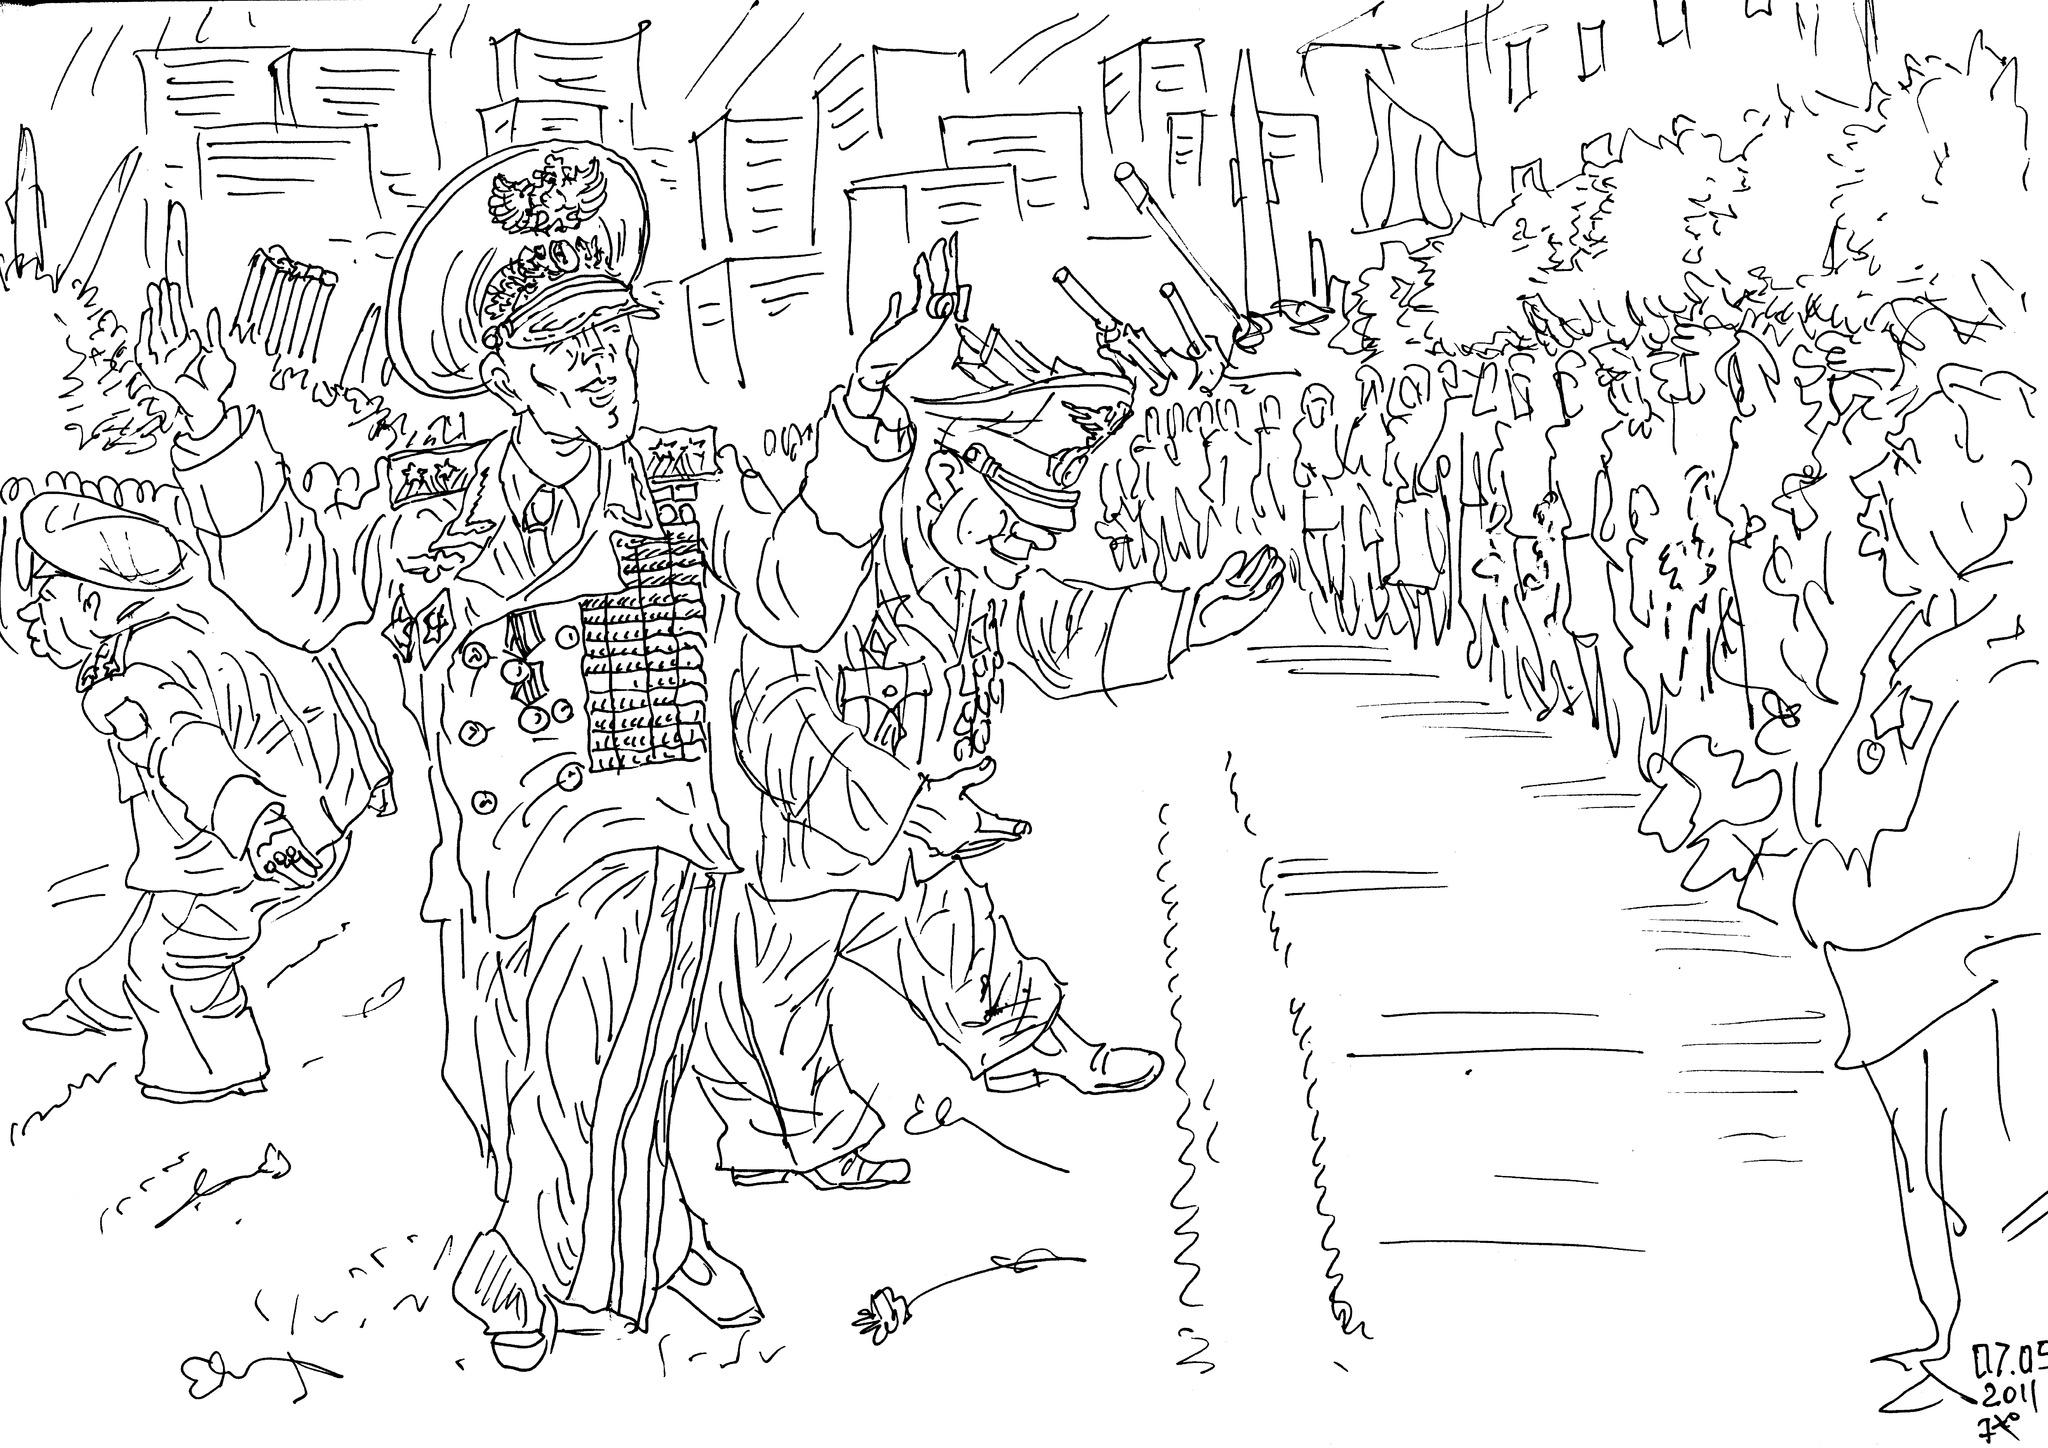 Победа одержана ветеранами-фронтовиками, несмотря на вредительство генералов